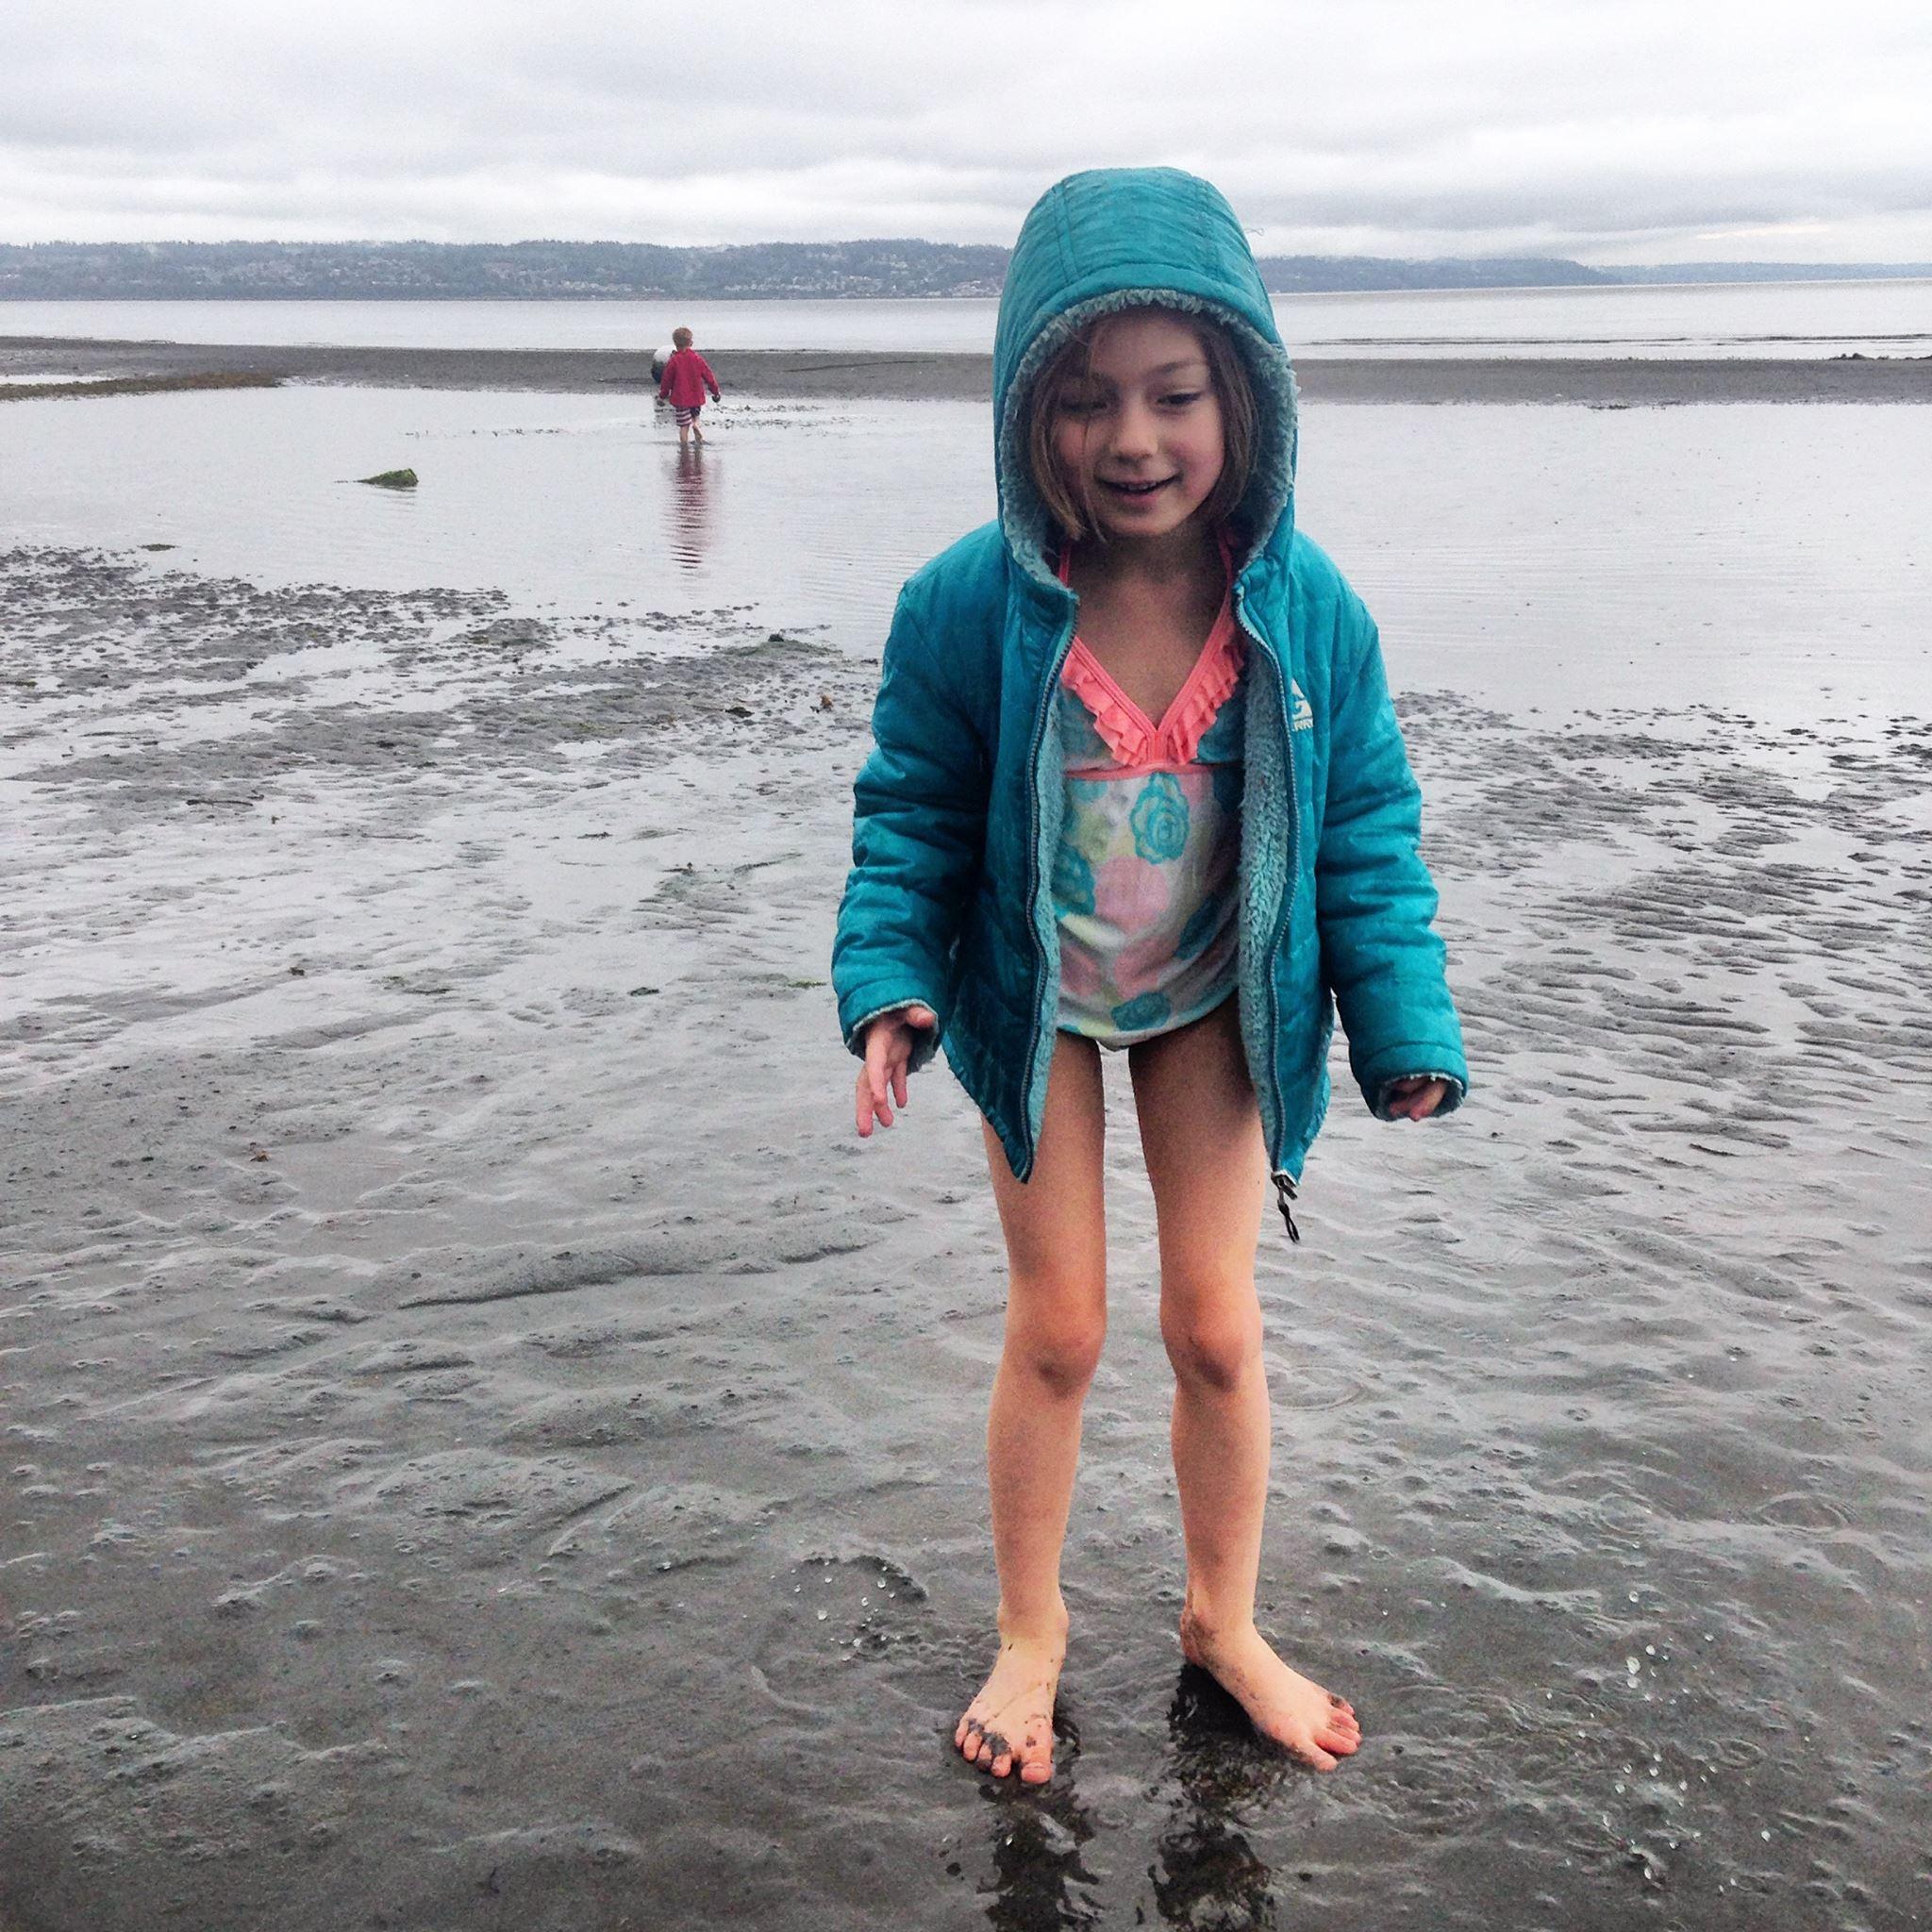 kid in bathing suit in water